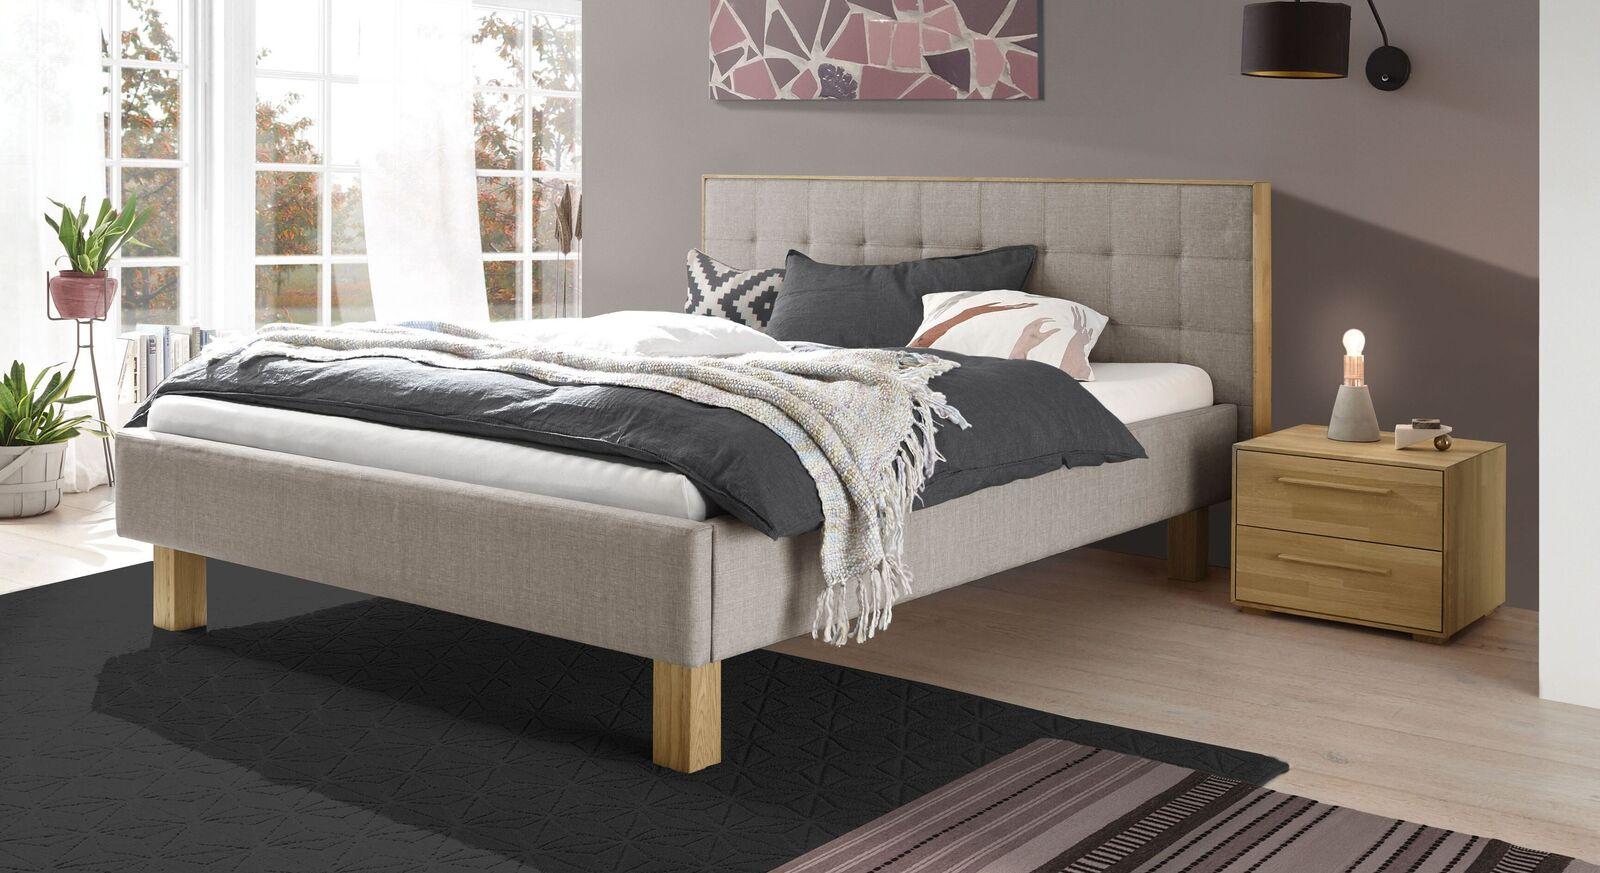 Bett Kadira aus grauem Webstoff